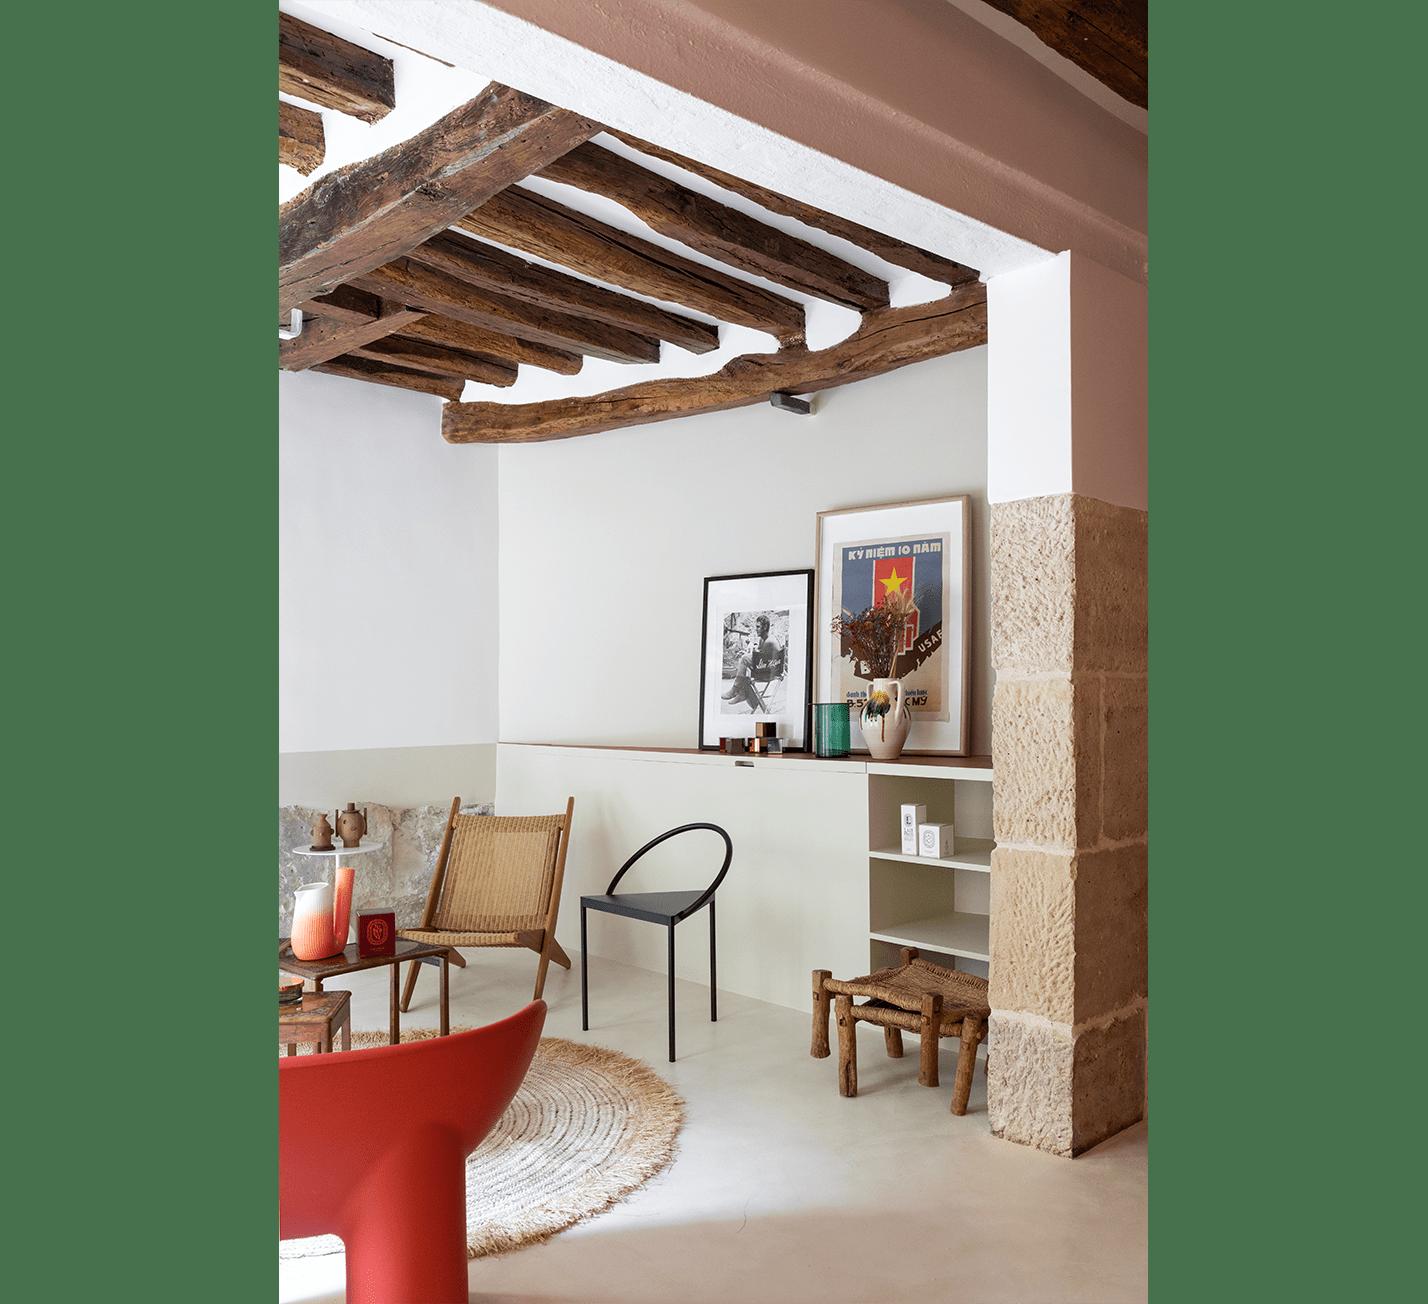 Projet-Gobelins-Atelier-Steve-Pauline-Borgia-Architecte-interieur-01-min